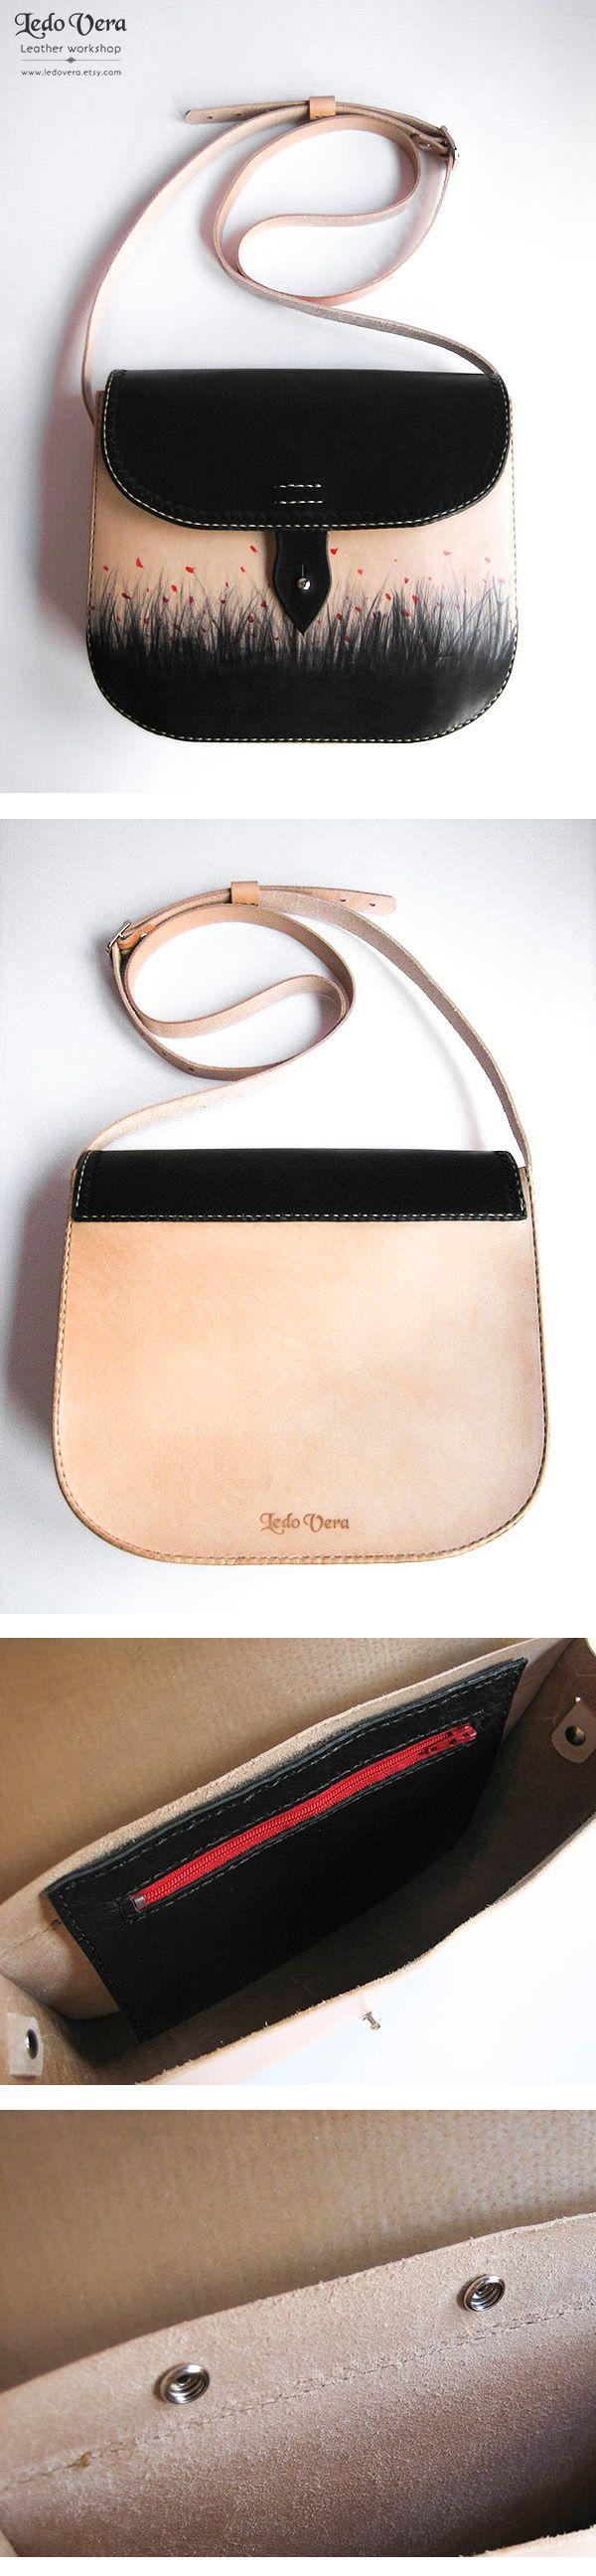 Bolso de cuero hecho a mano. Handcrafted leather purse. Hecho en España #ledovera #leatherwork #marroquineria #bolsos #moda #etsy #madeinspain